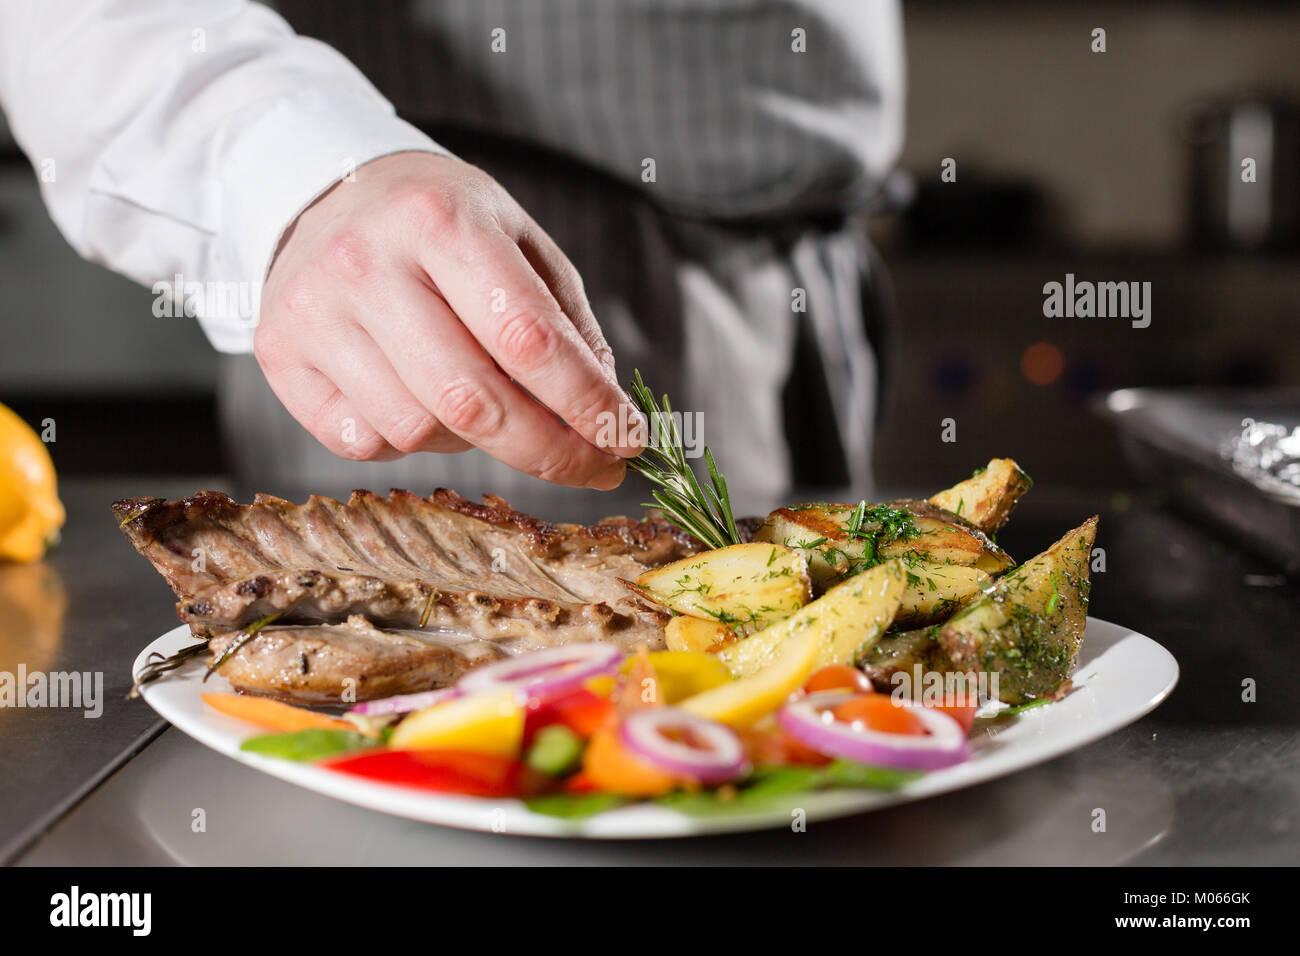 Der Küchenchef im Restaurant. Gegrillter Lammrücken mit Bratkartoffeln und frischem Gemüse. closeup Stockfoto